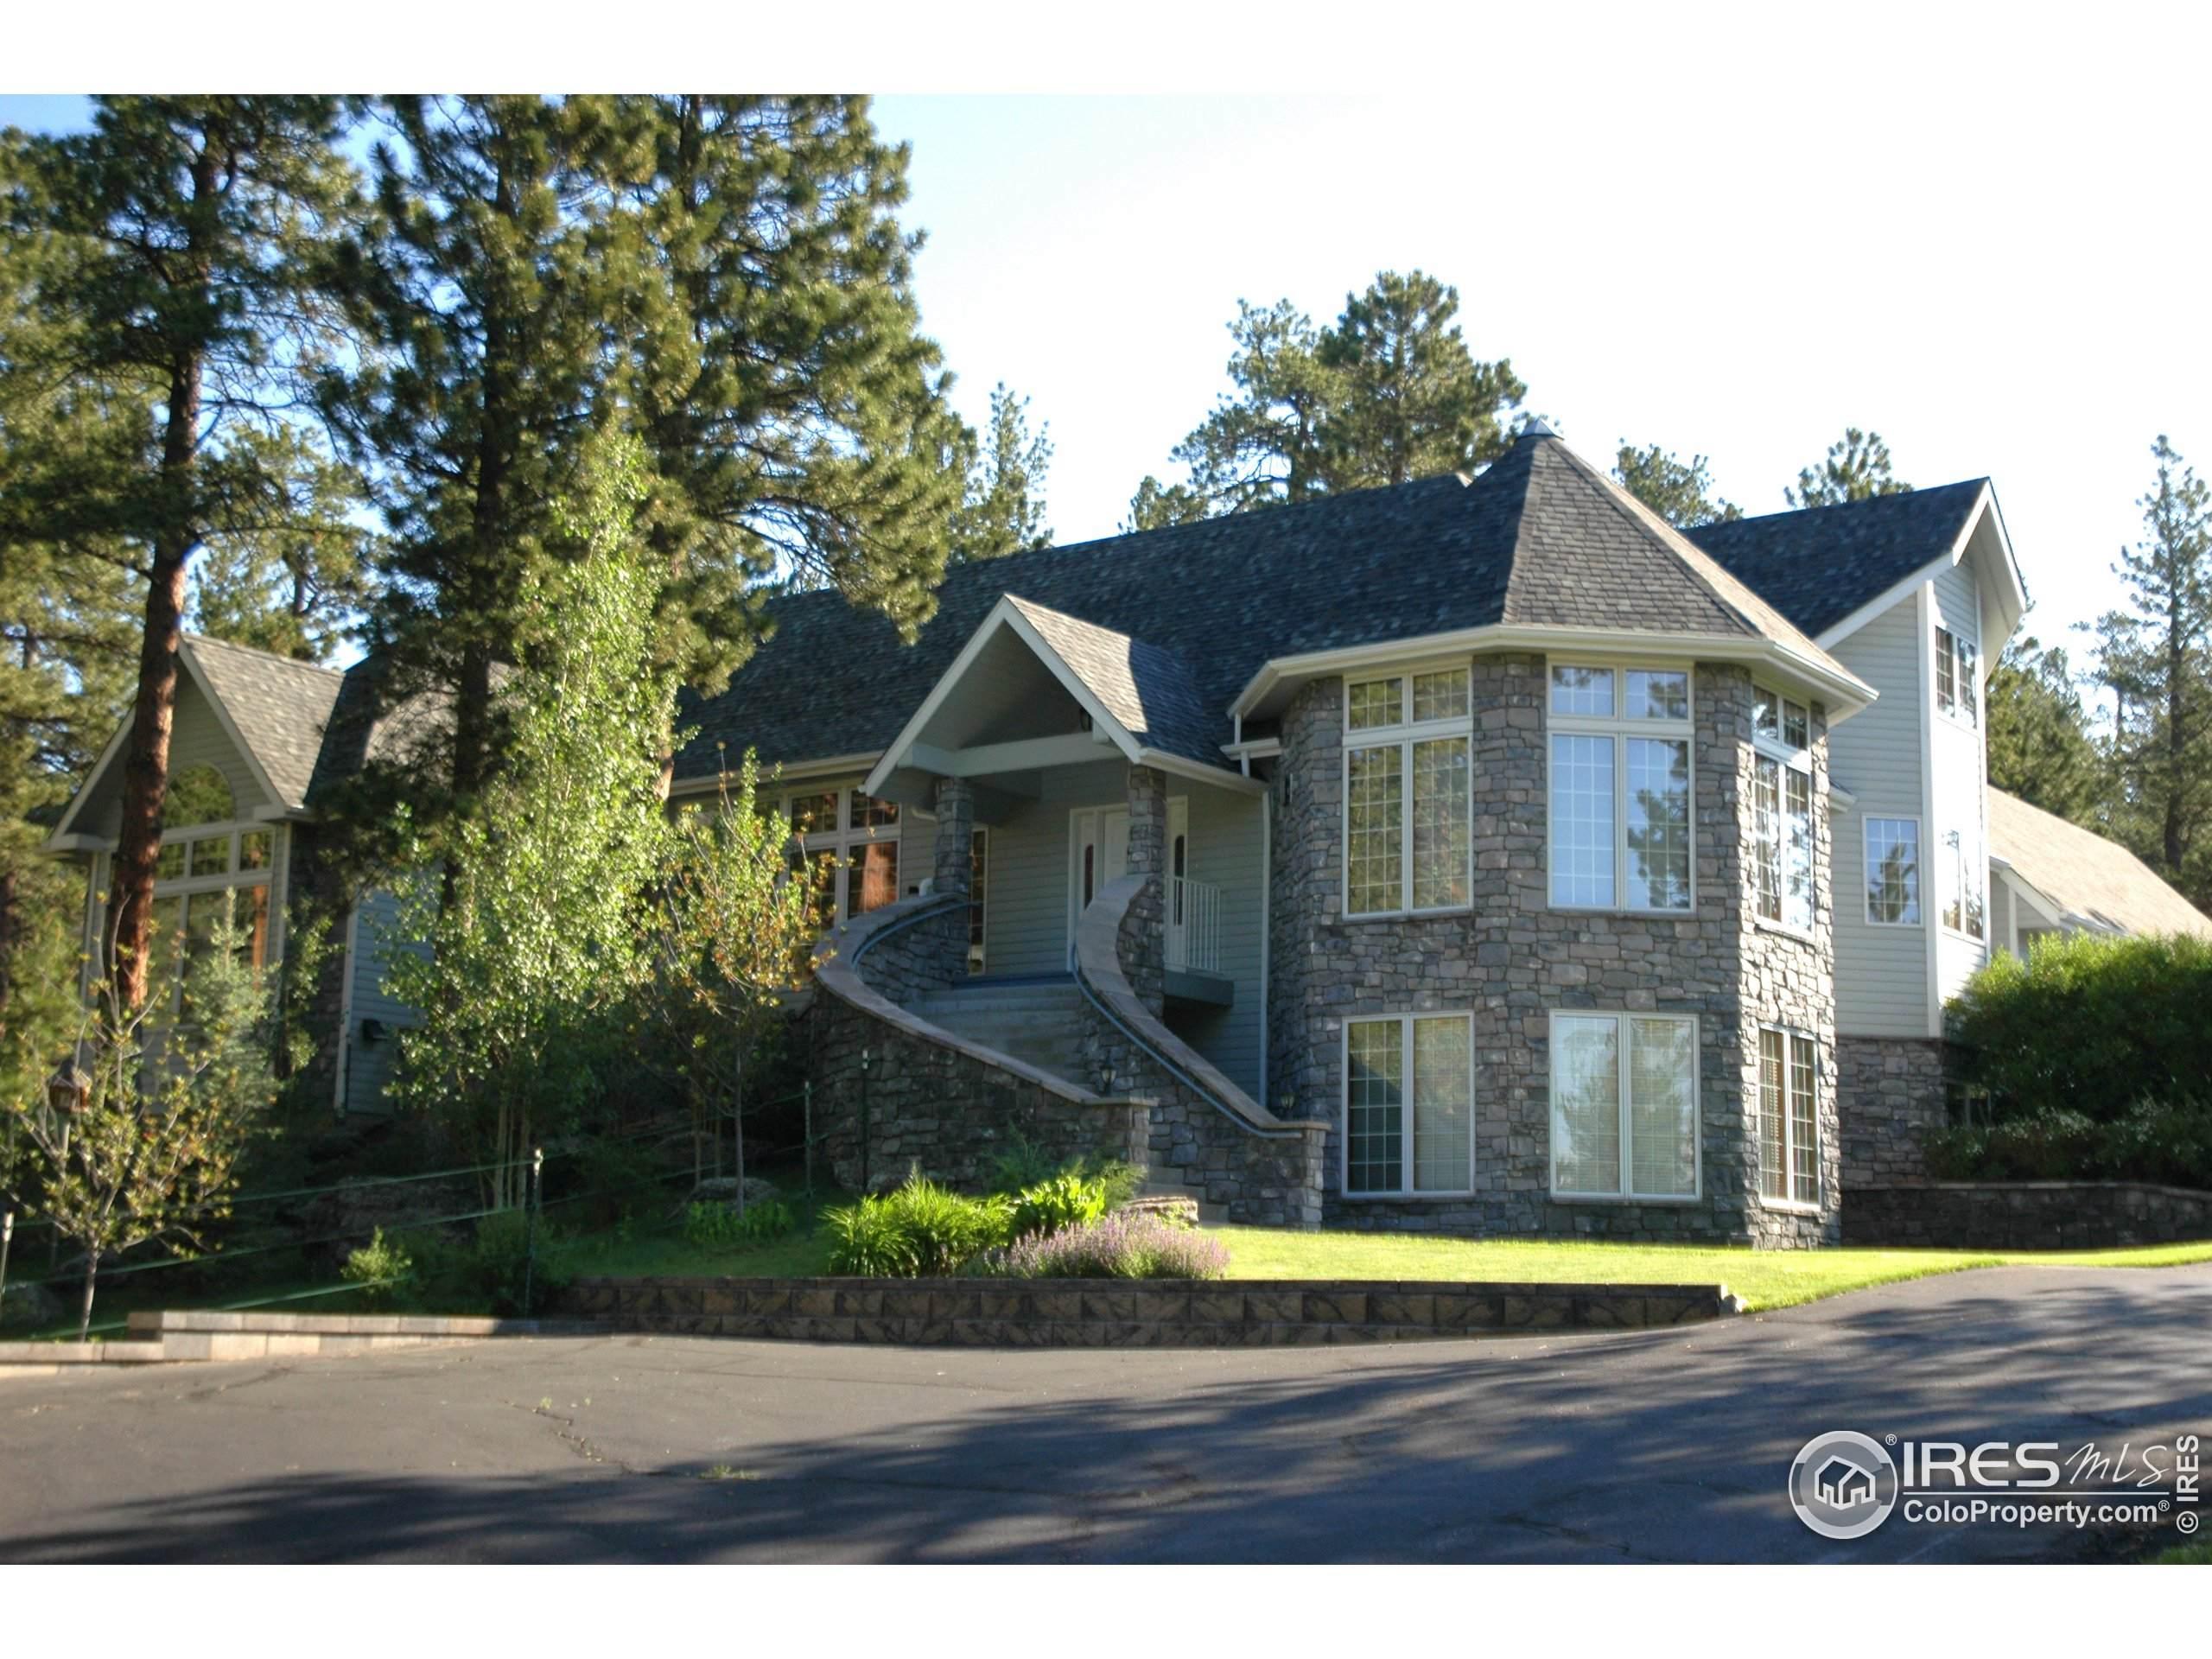 2704 Mallow Pl, Loveland, CO 80537 (MLS #856996) :: Kittle Real Estate